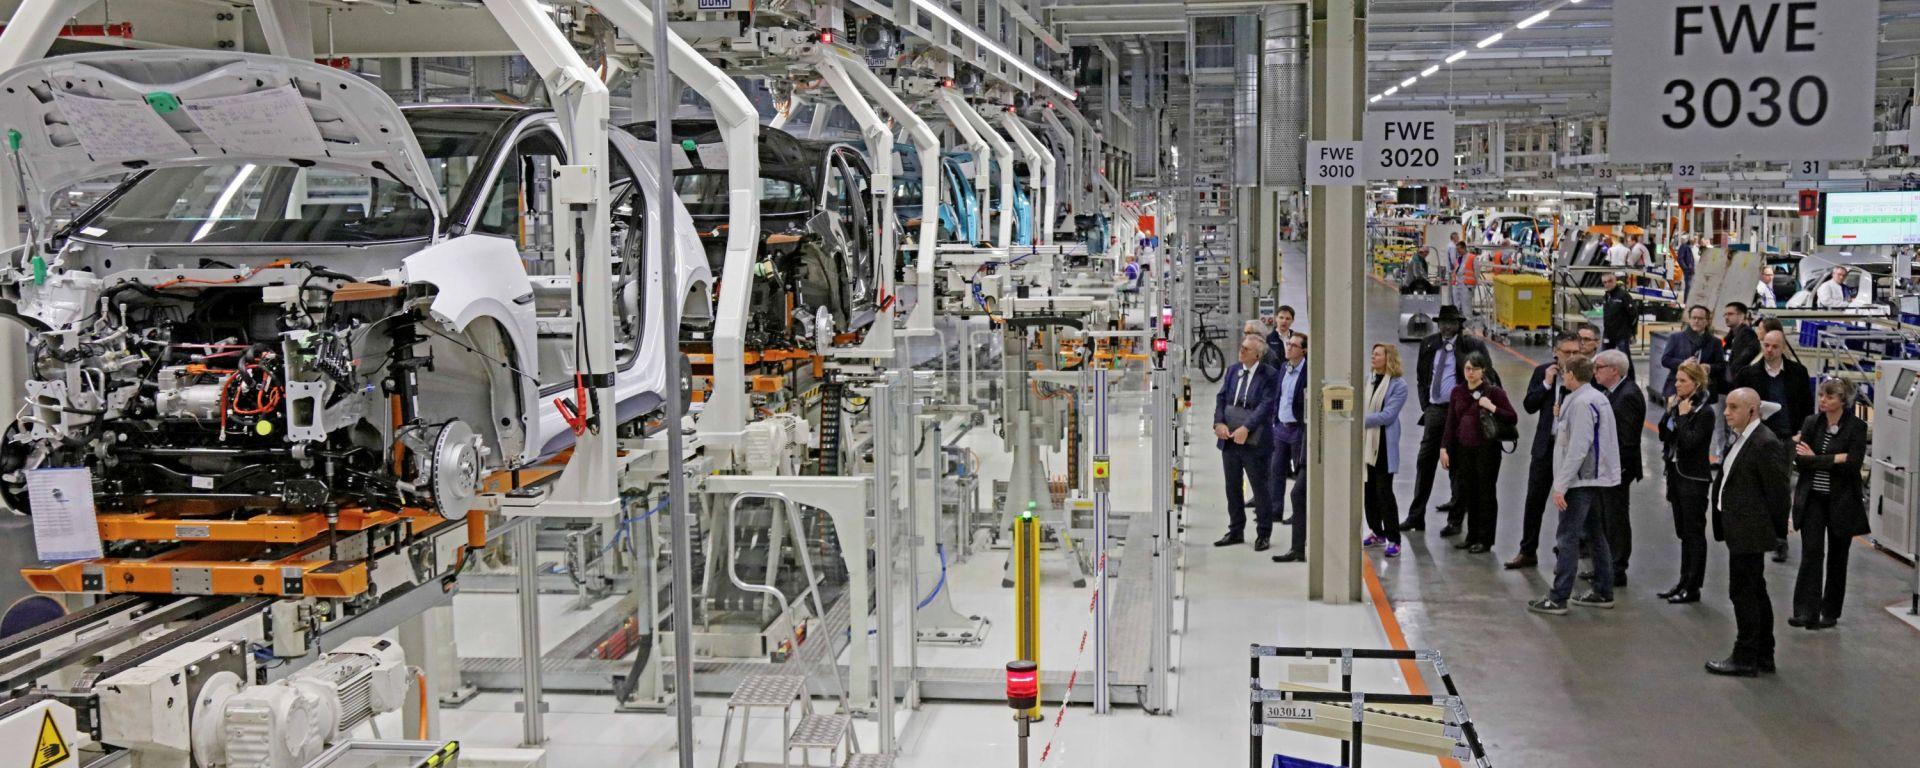 Stop alla produzione in Germania per altri giorni